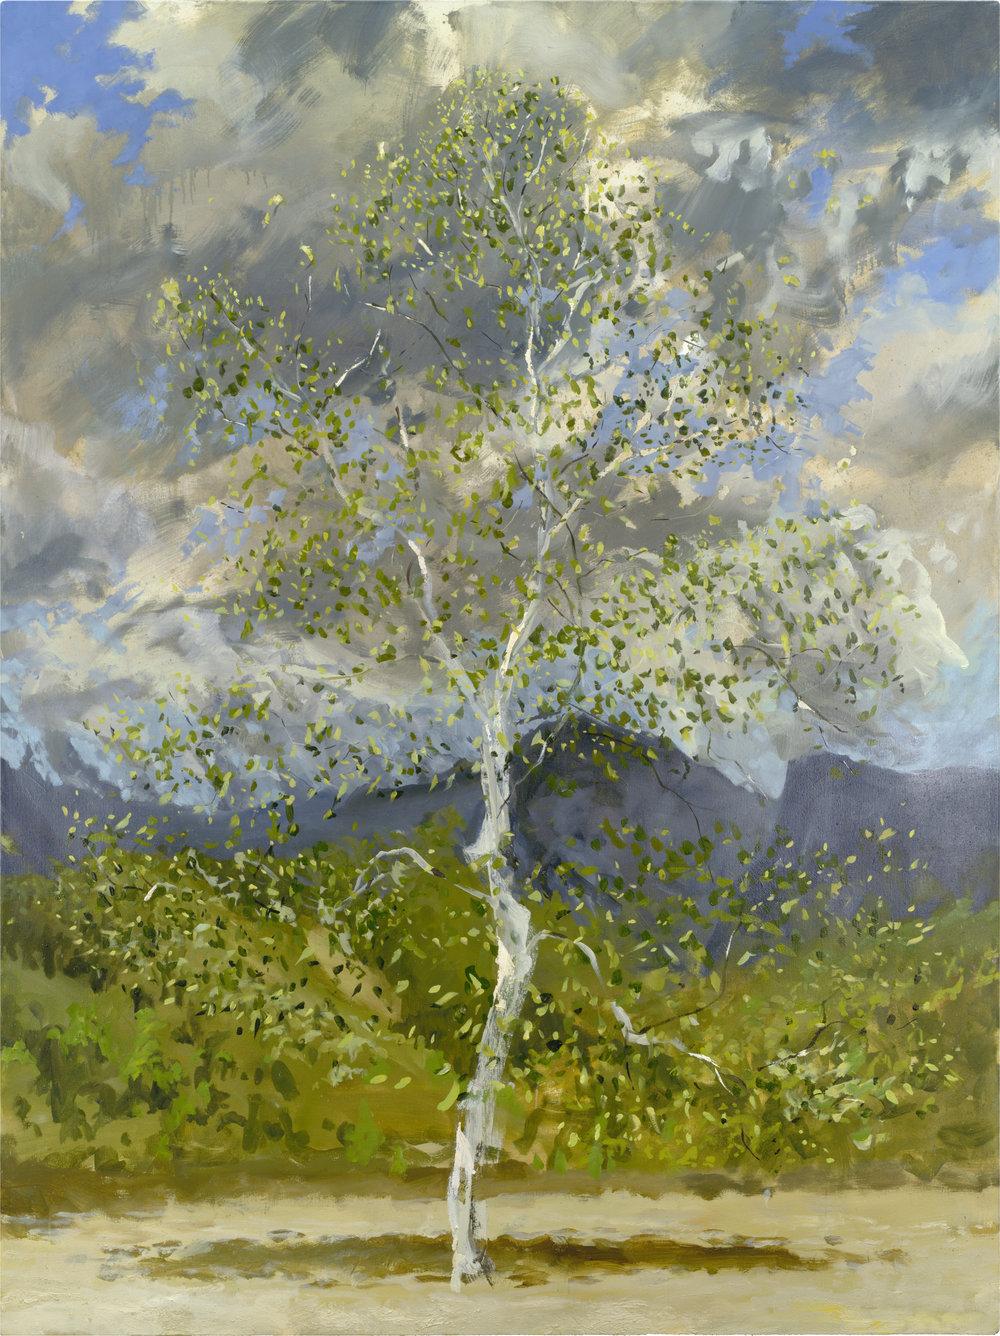 RHSK059 Silver Birch in June Light  ( oil on linen ) 195 x 146